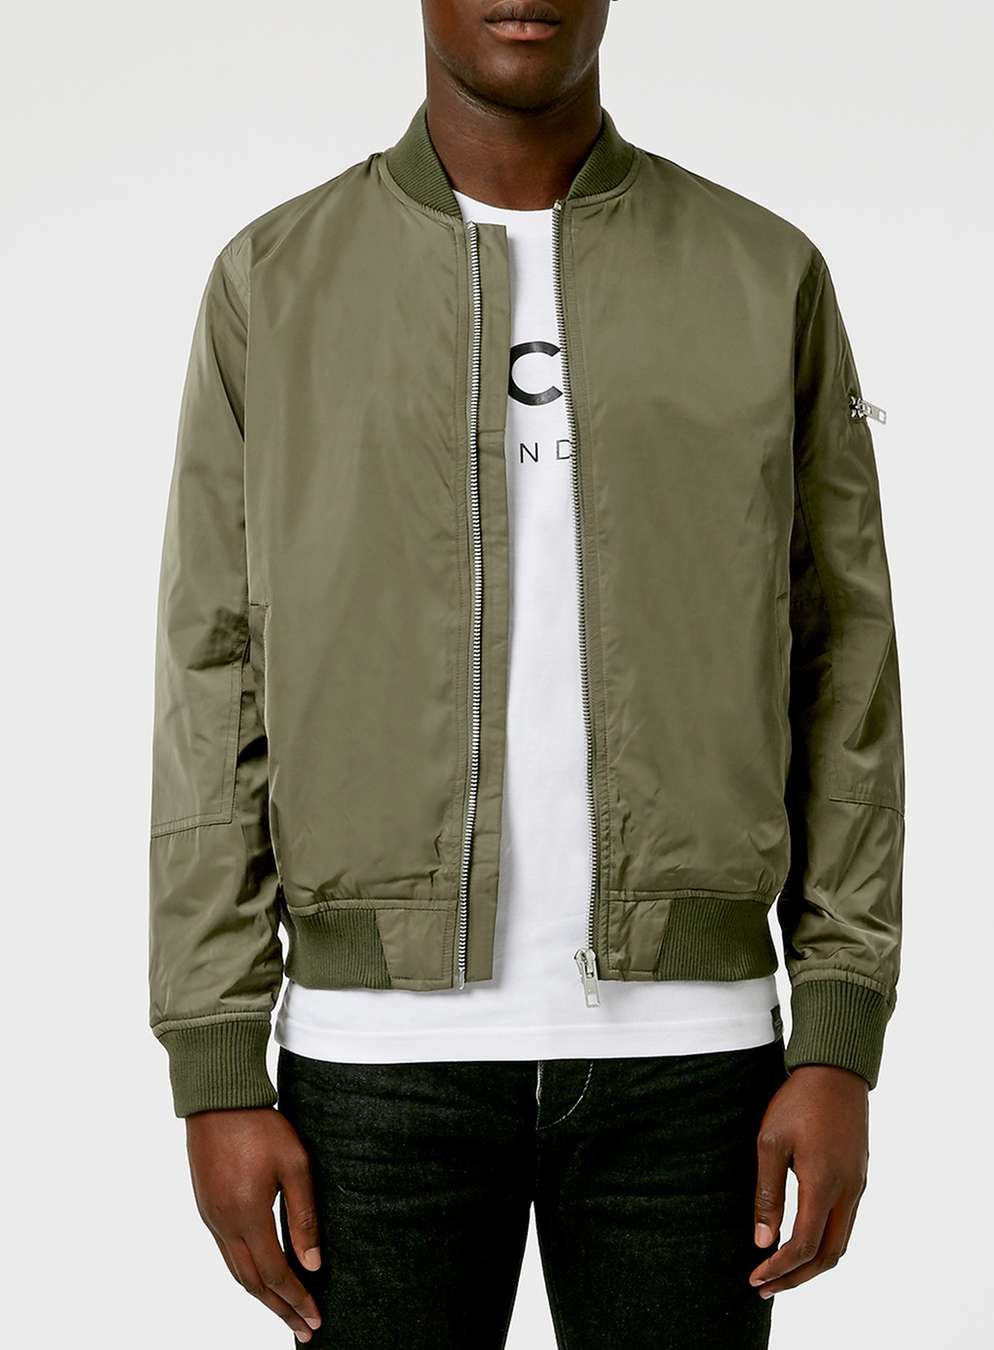 Khaki Bomber Jacket Men S Jackets Coats Clothing Bomber Jacket Bomber Jacket Mens Men S Coats Jackets [ 1350 x 994 Pixel ]